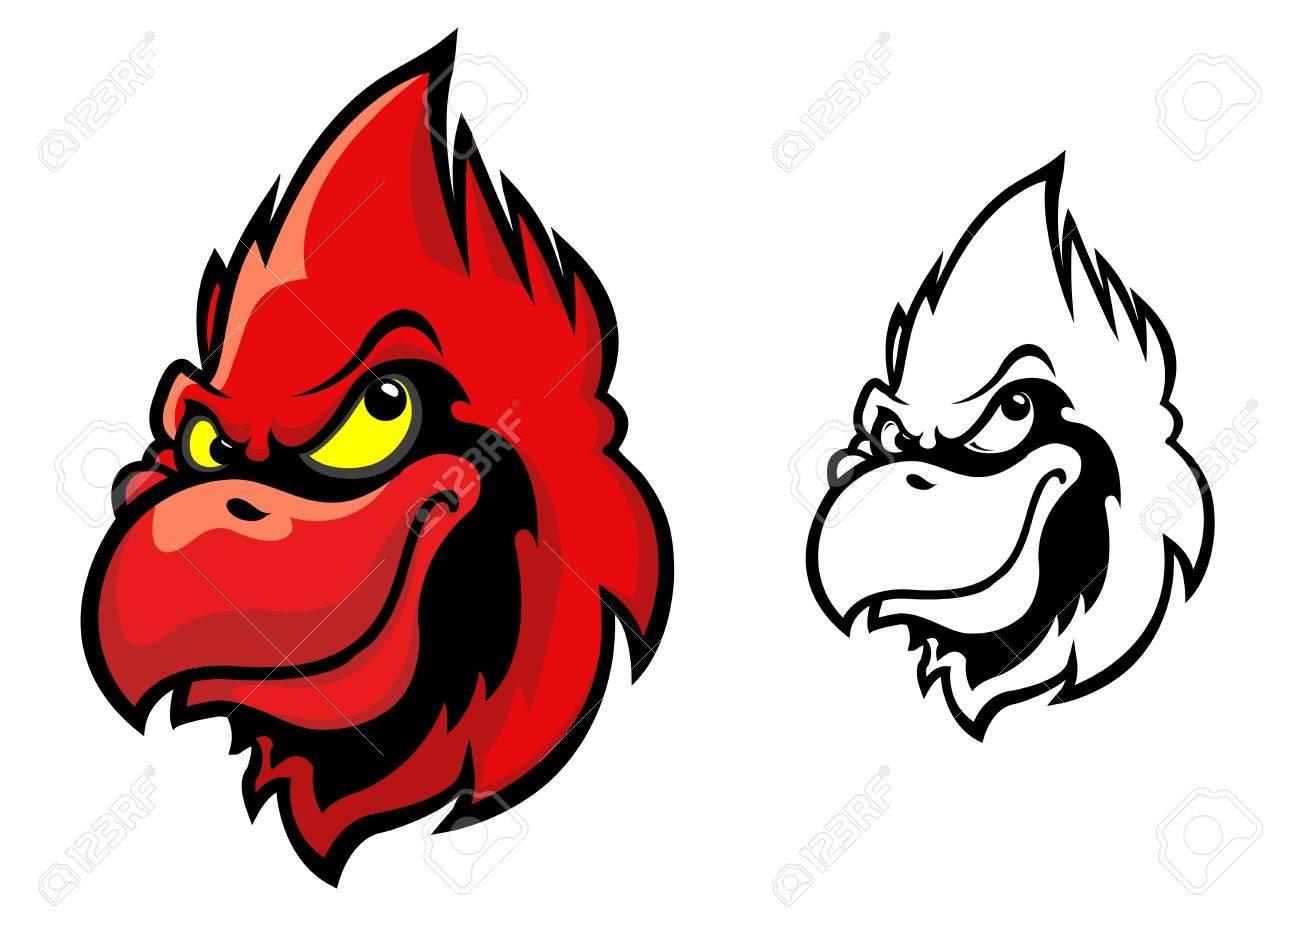 Red Head Pájaro Cardenal En Estilo De Dibujos Animados Para El ...